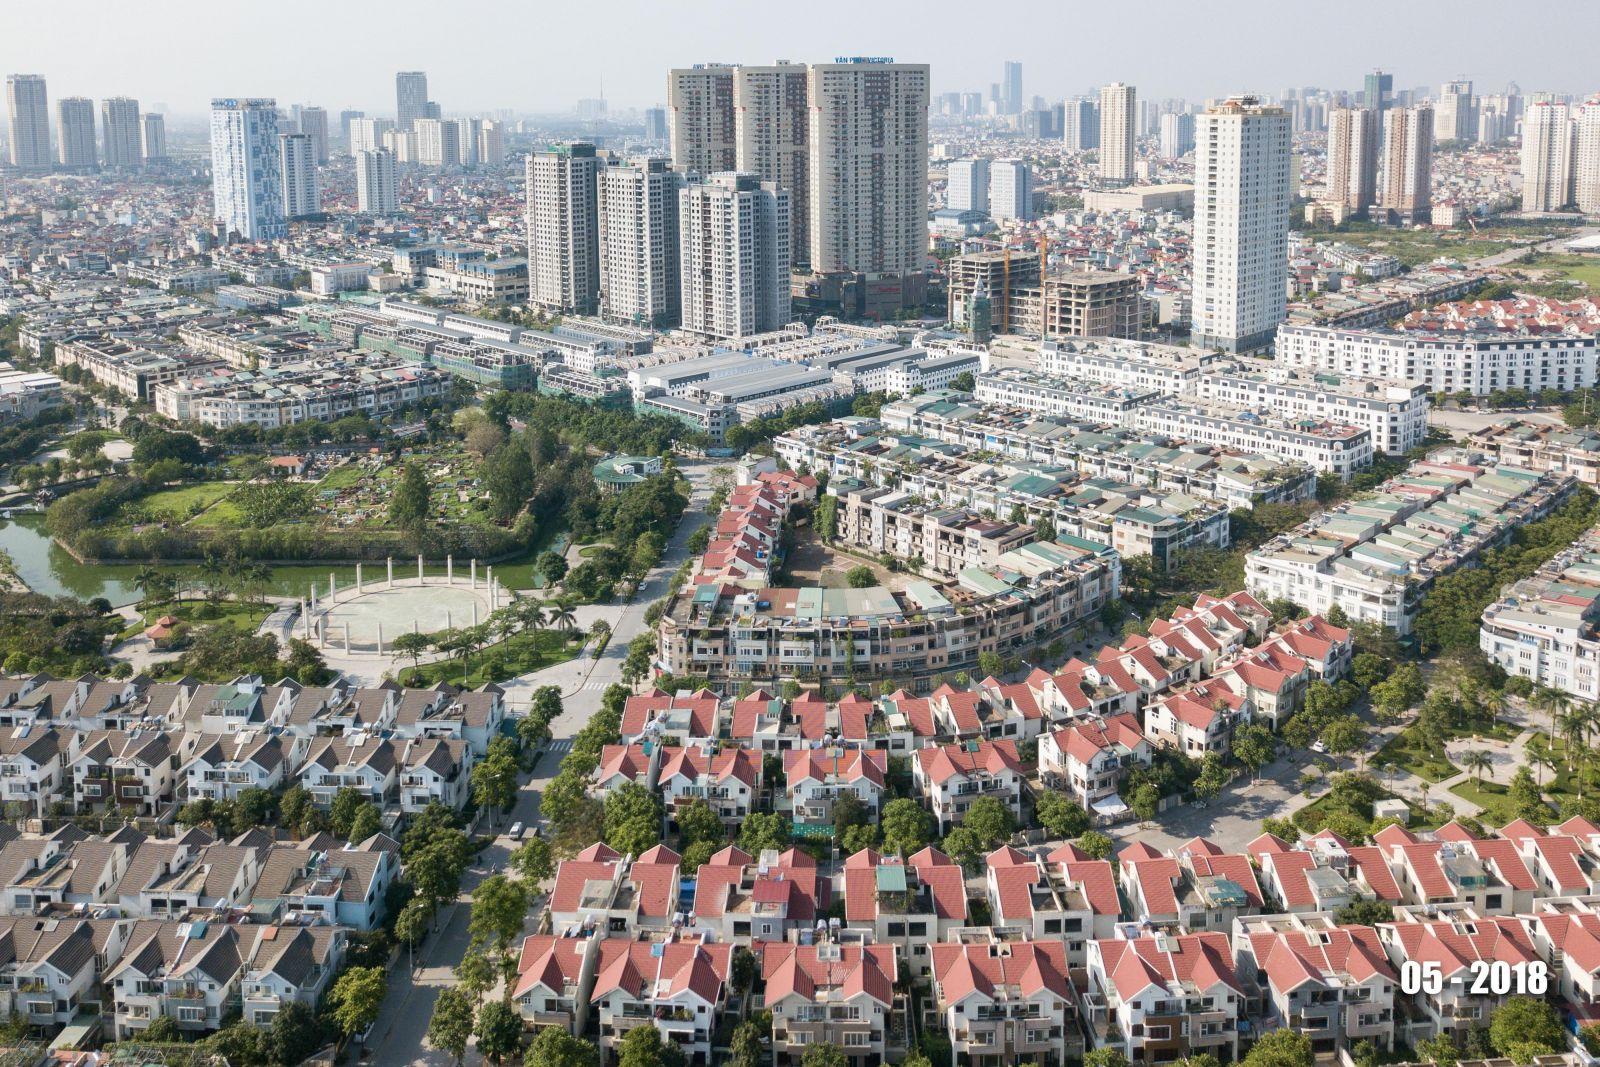 Khu đô thị mới Văn Phú, quận Hà Đông hiện đại, văn minh được xây dựng từ năm 2007